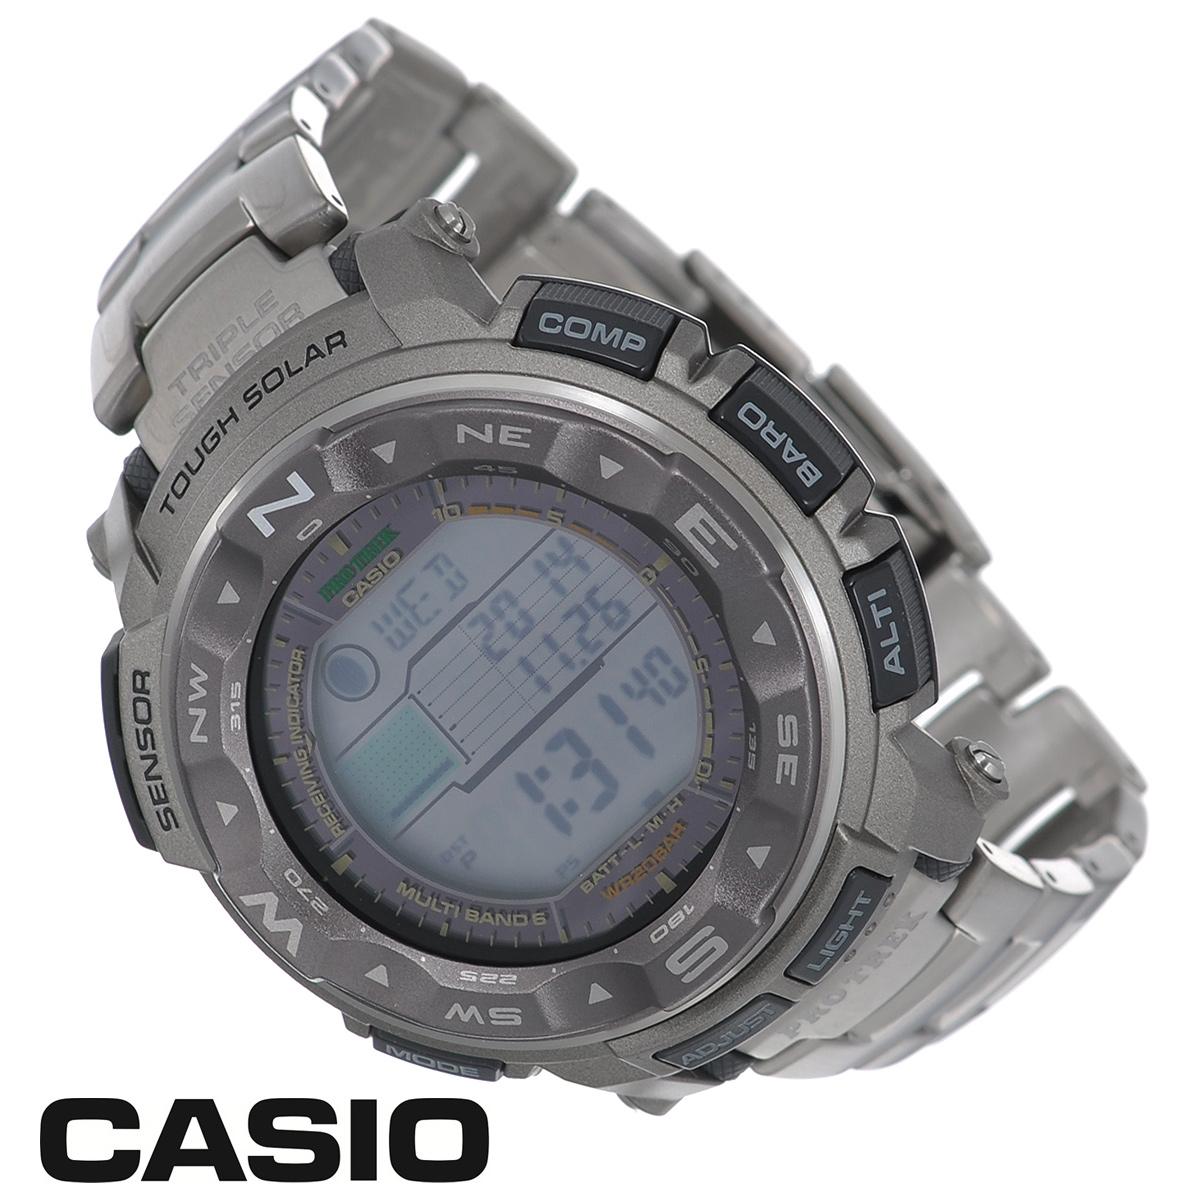 Часы мужские наручные Casio Protrek, цвет: титановый. PRW-2500T-7EPRW-2500T-7EСтильные кварцевые часы Protrek от японского брэнда Casio - это яркий функциональный аксессуар для современных людей, которые стремятся выделиться из толпы и подчеркнуть свою индивидуальность. Часы выполнены в спортивном стиле. Корпус выполнен из пластика и металлических элементов. ЖК-циферблат с вращающимся алюминиевым безелем. Электролюминесцентная подсветка освещает весь циферблат. Подсветка активируется при недостаточном свете и выключается, когда освещения достаточно. Браслет из титанового сплава имеет раскладывающуюся застежку, открываемую одним касанием. Основные функции: - 5 будильников, ежечасный сигнал; - автоматический календарь (число, день недели, месяц, год); - секундомер с точностью показаний 1/100 с и временем измерения 24 ч; - мировое время; - таймер обратного отсчета от 1 мин до 1 ч; - 12-ти и 24-х часовой формат времени; - встроенный цифровой компас; - ...